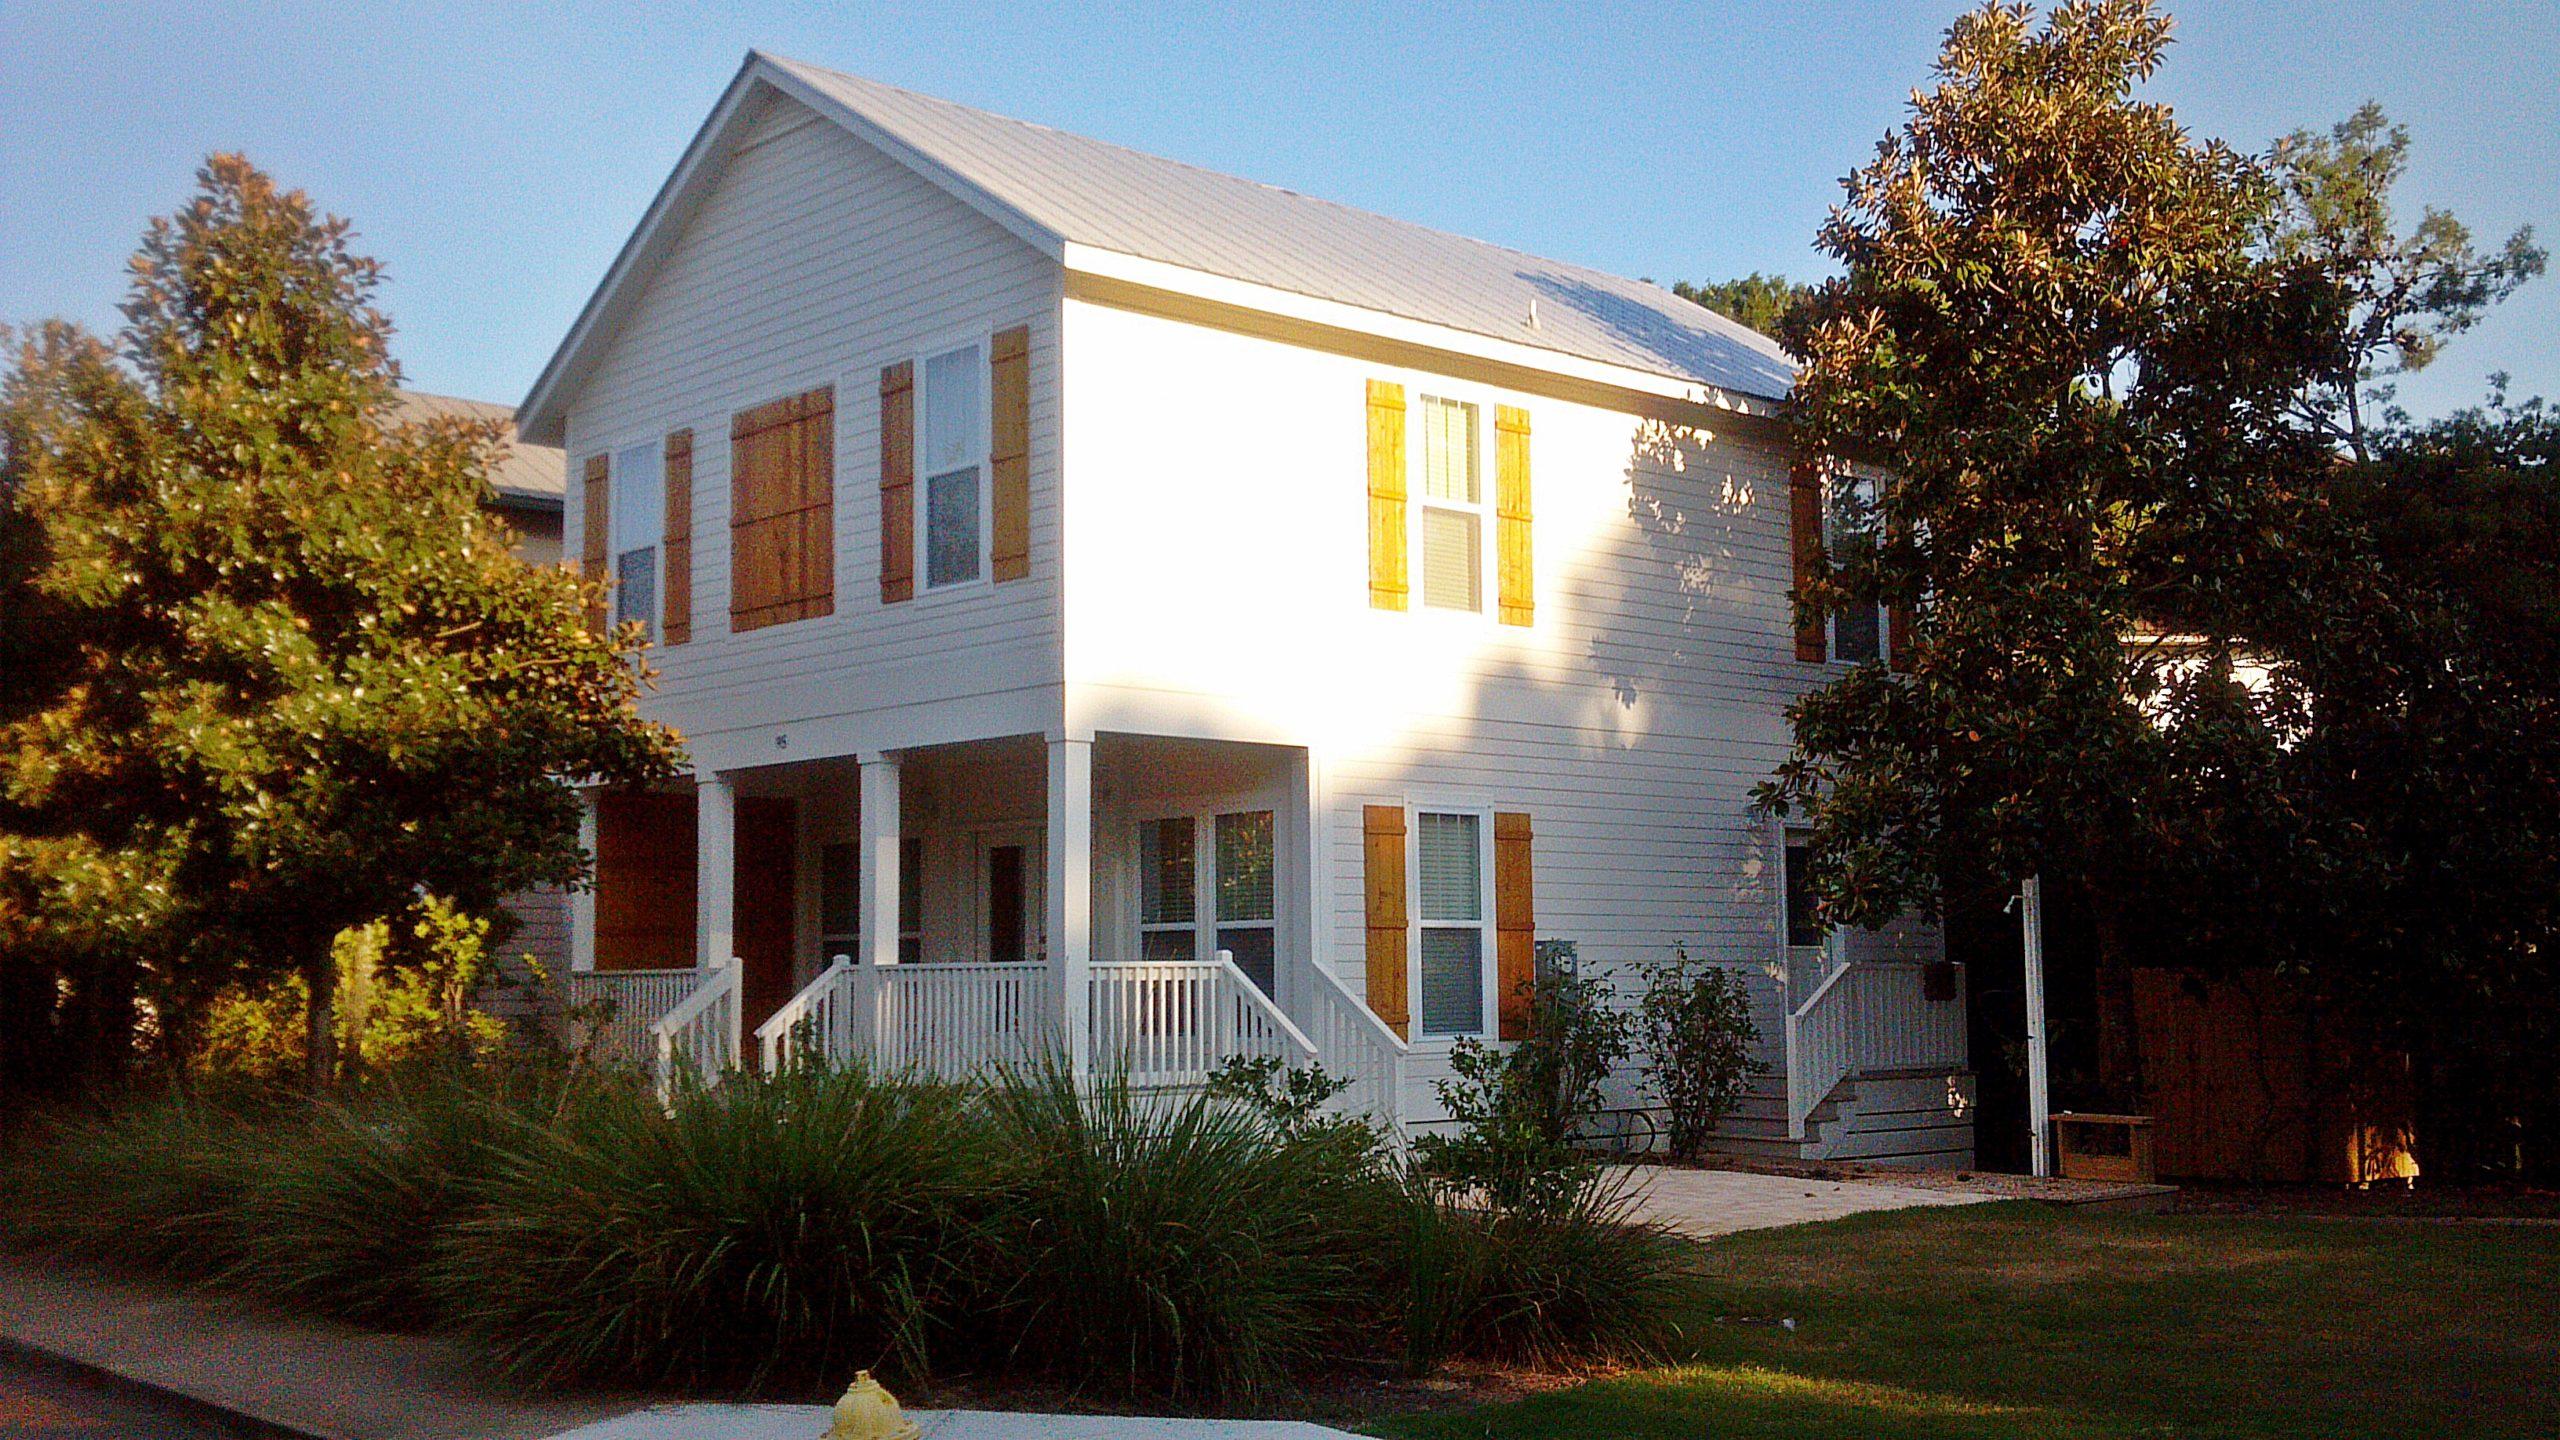 redfish modular home exterior